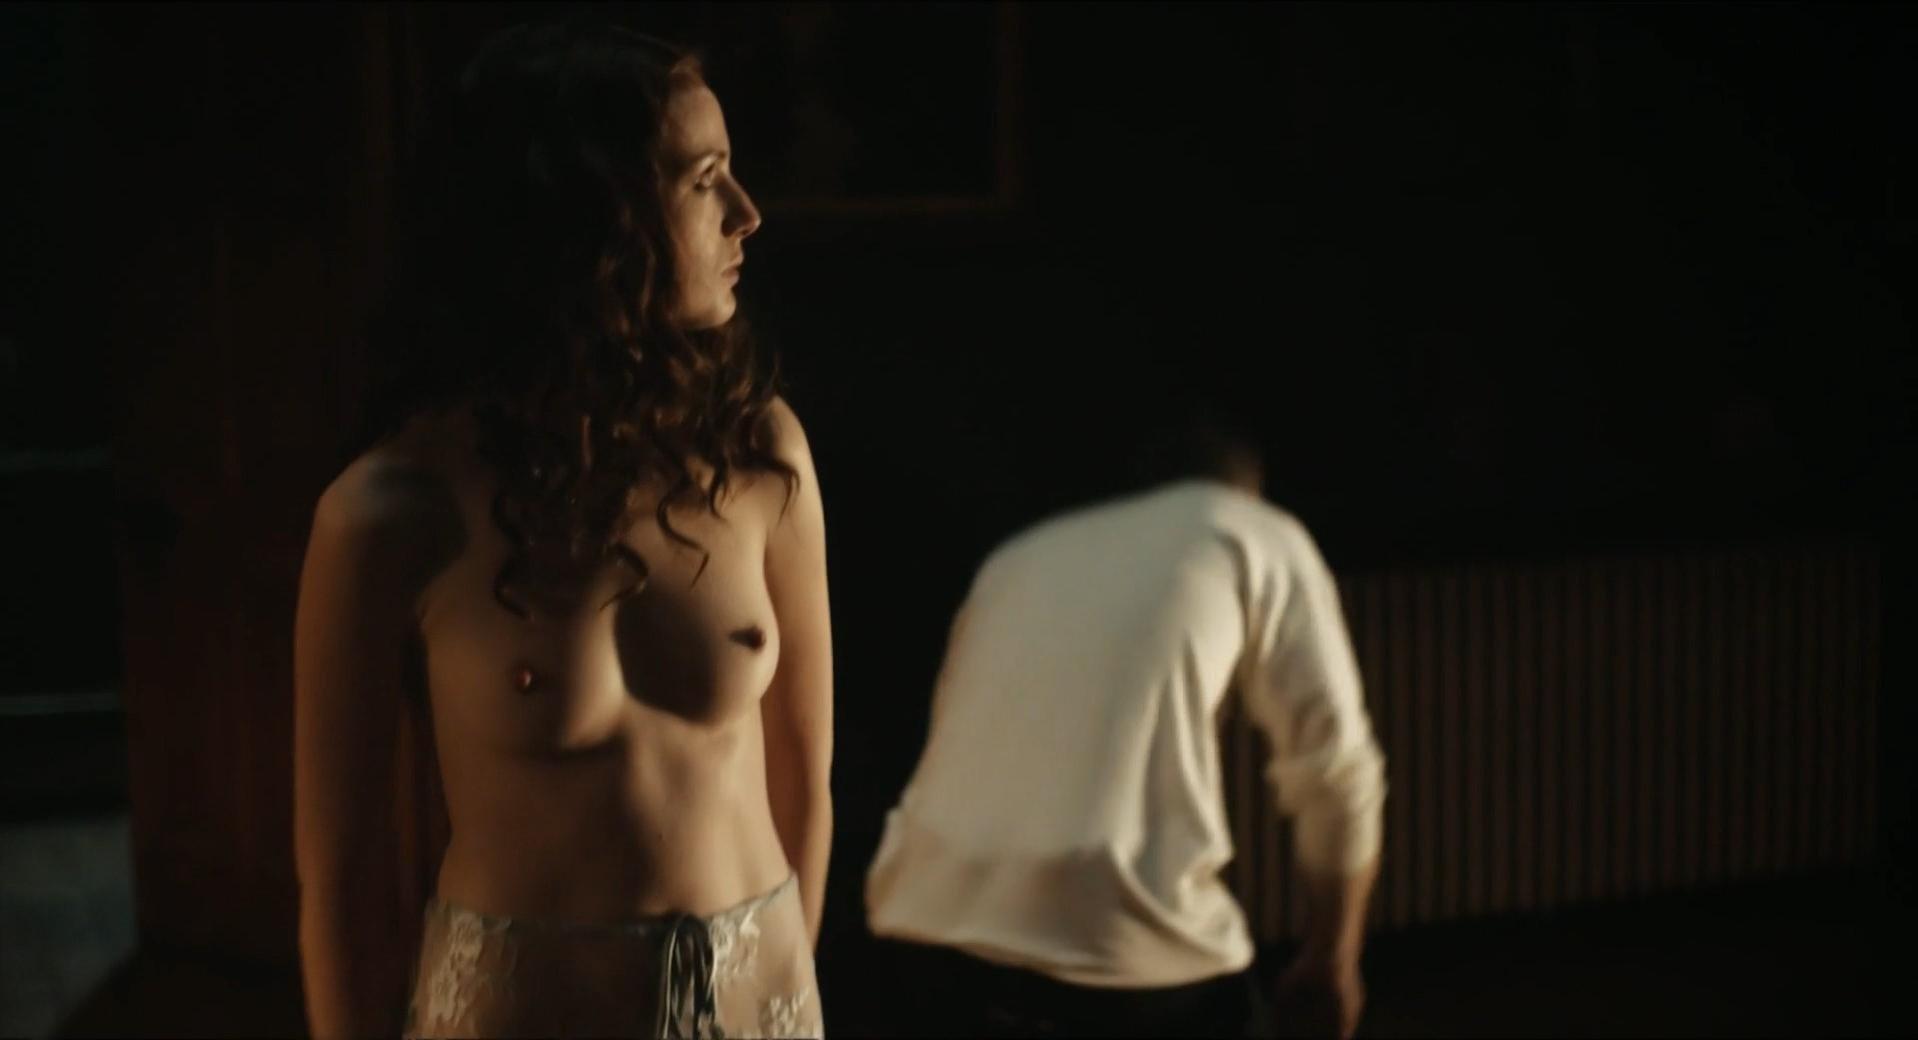 peaky blinders nude